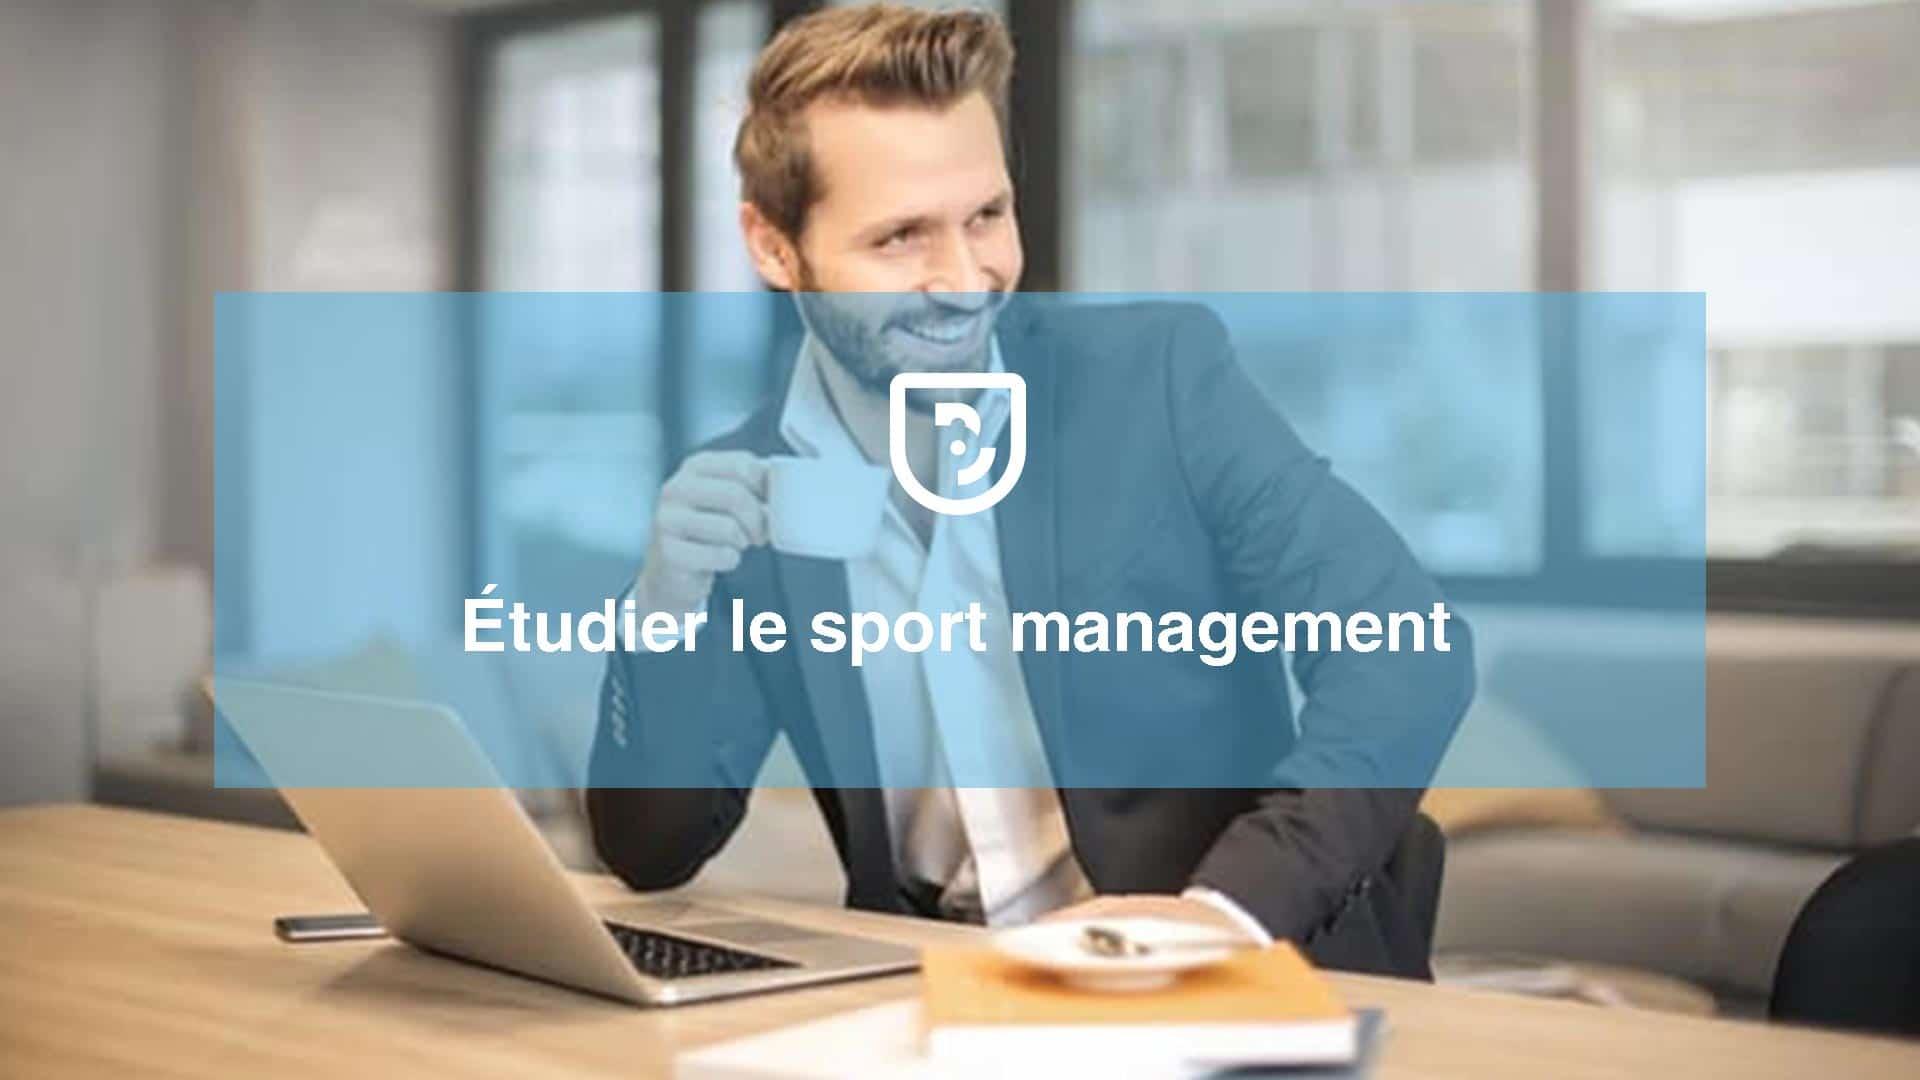 Étudier le sport management après le bac